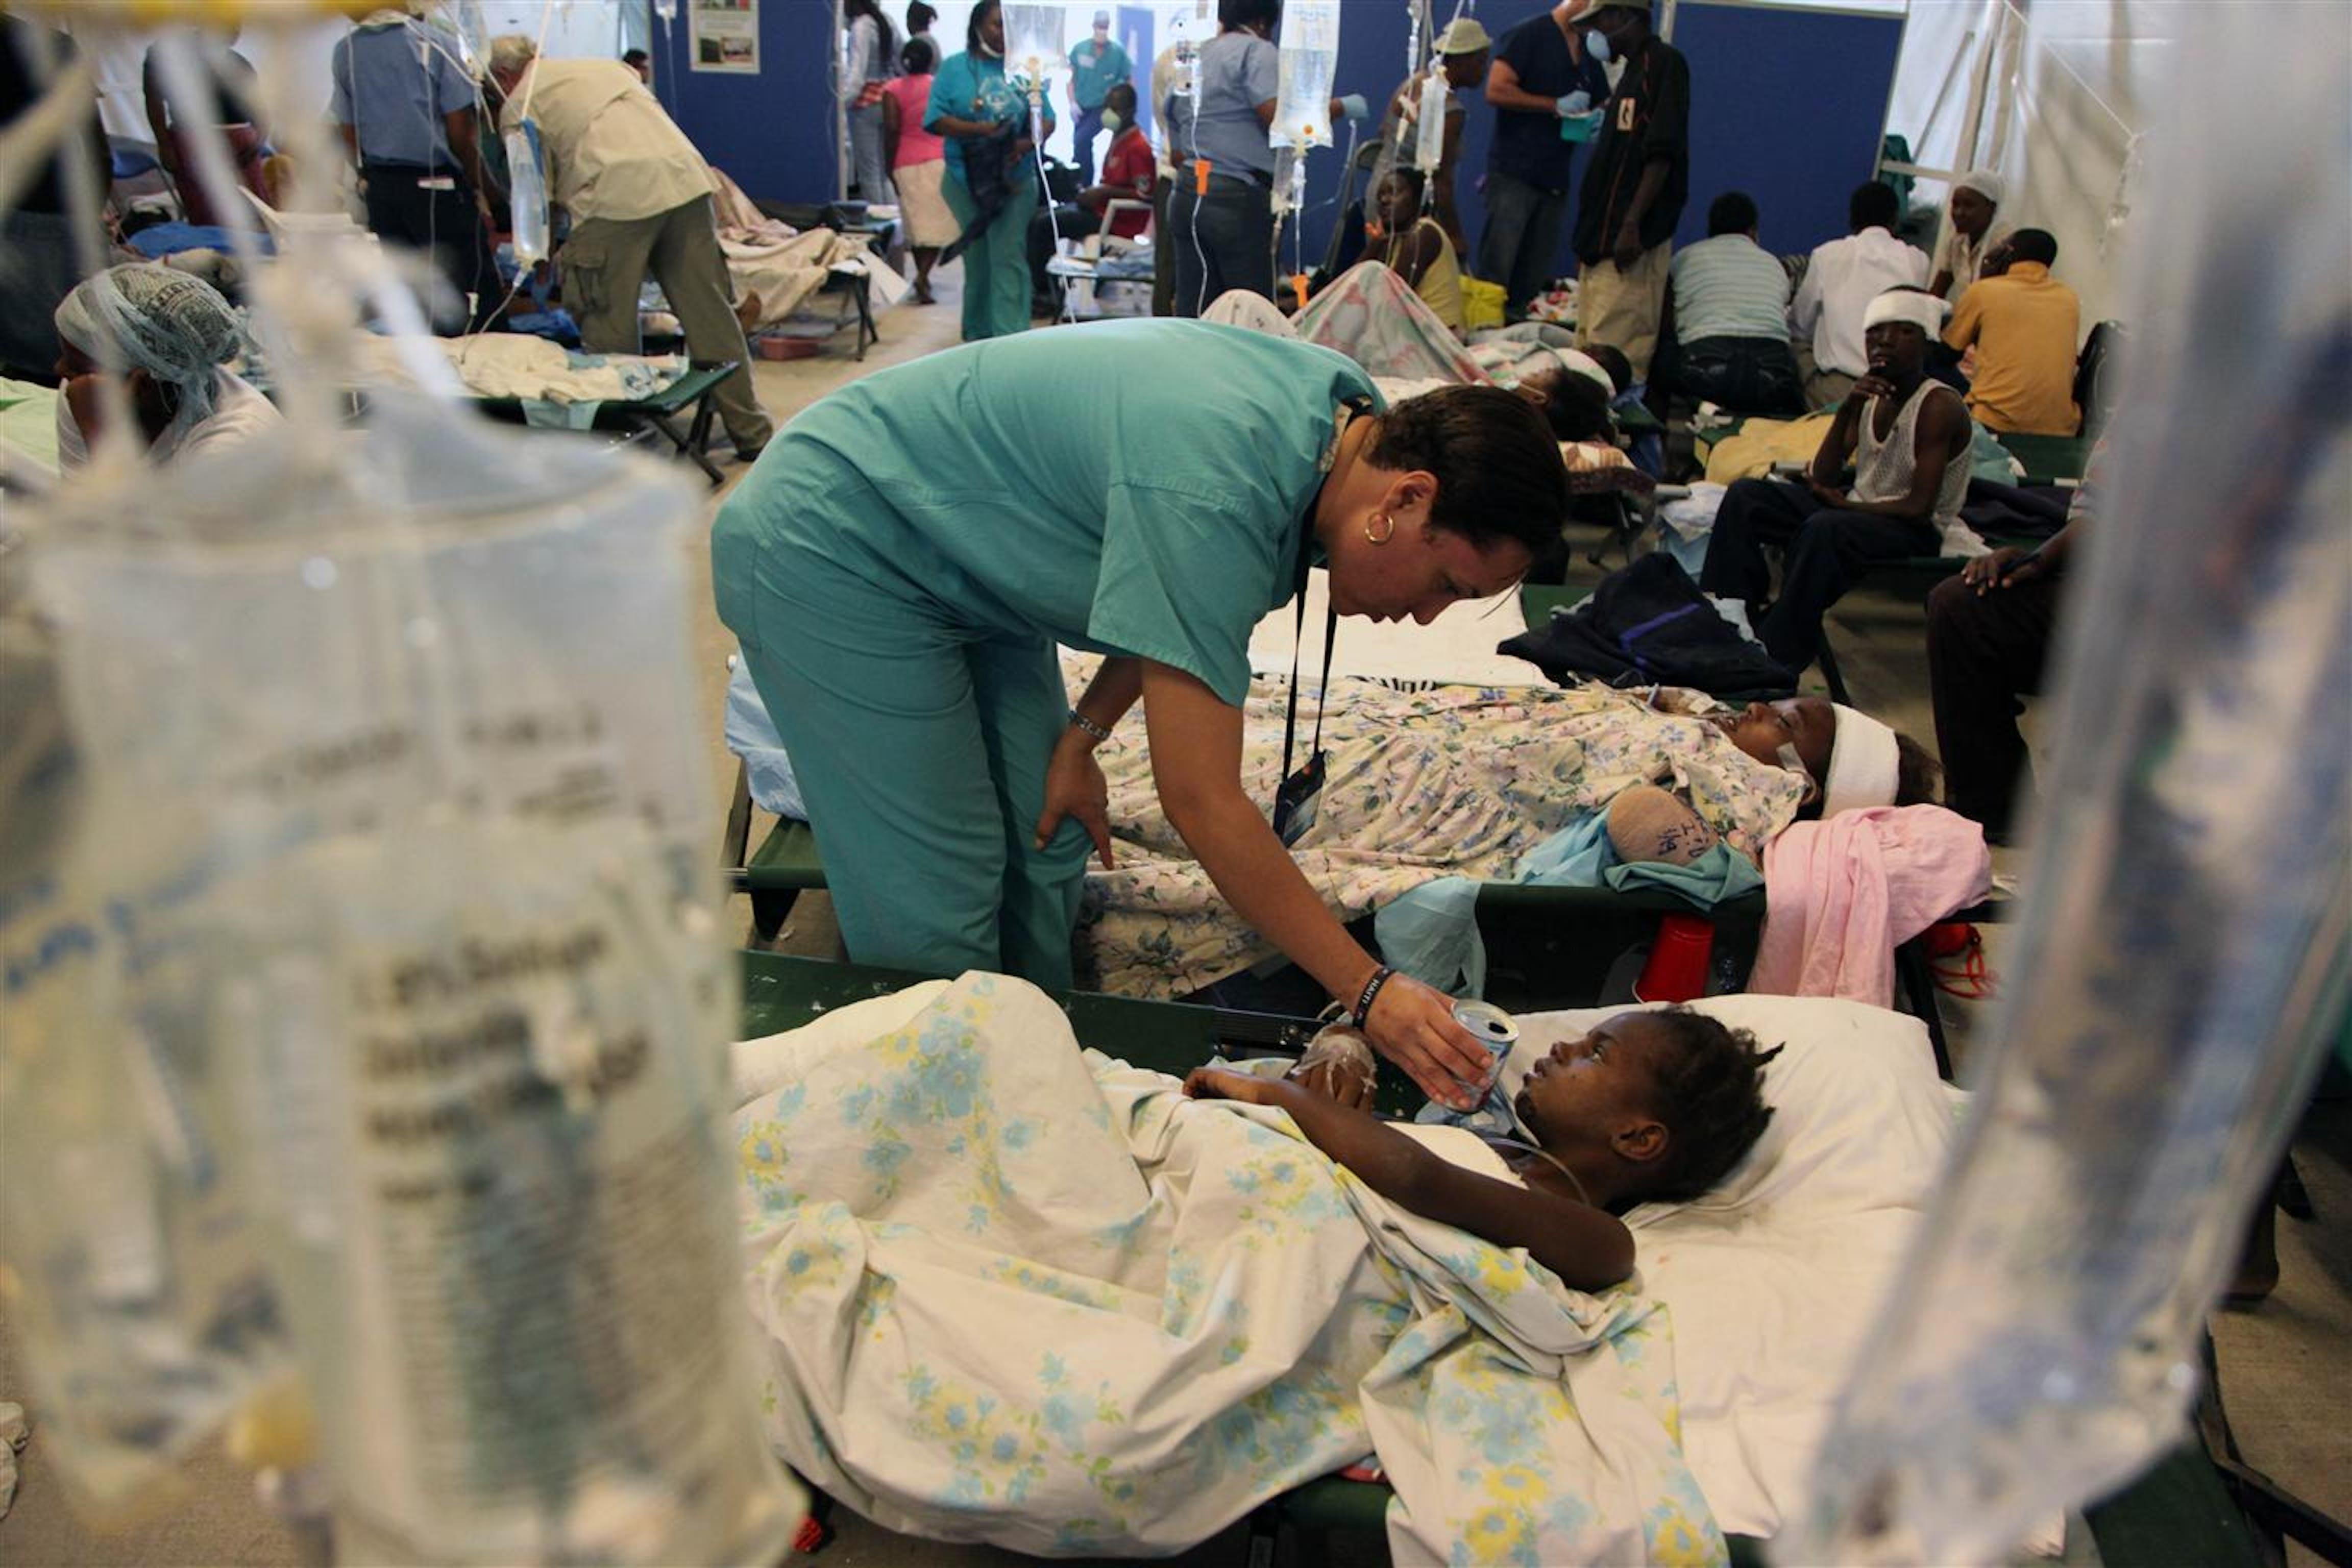 Un ospedale da campo allestito nei pressi dell'aeroporto di Port-au-Prince, Haiti. L'infermiera è tornata nel suo paese natale per aiutare i connazionali